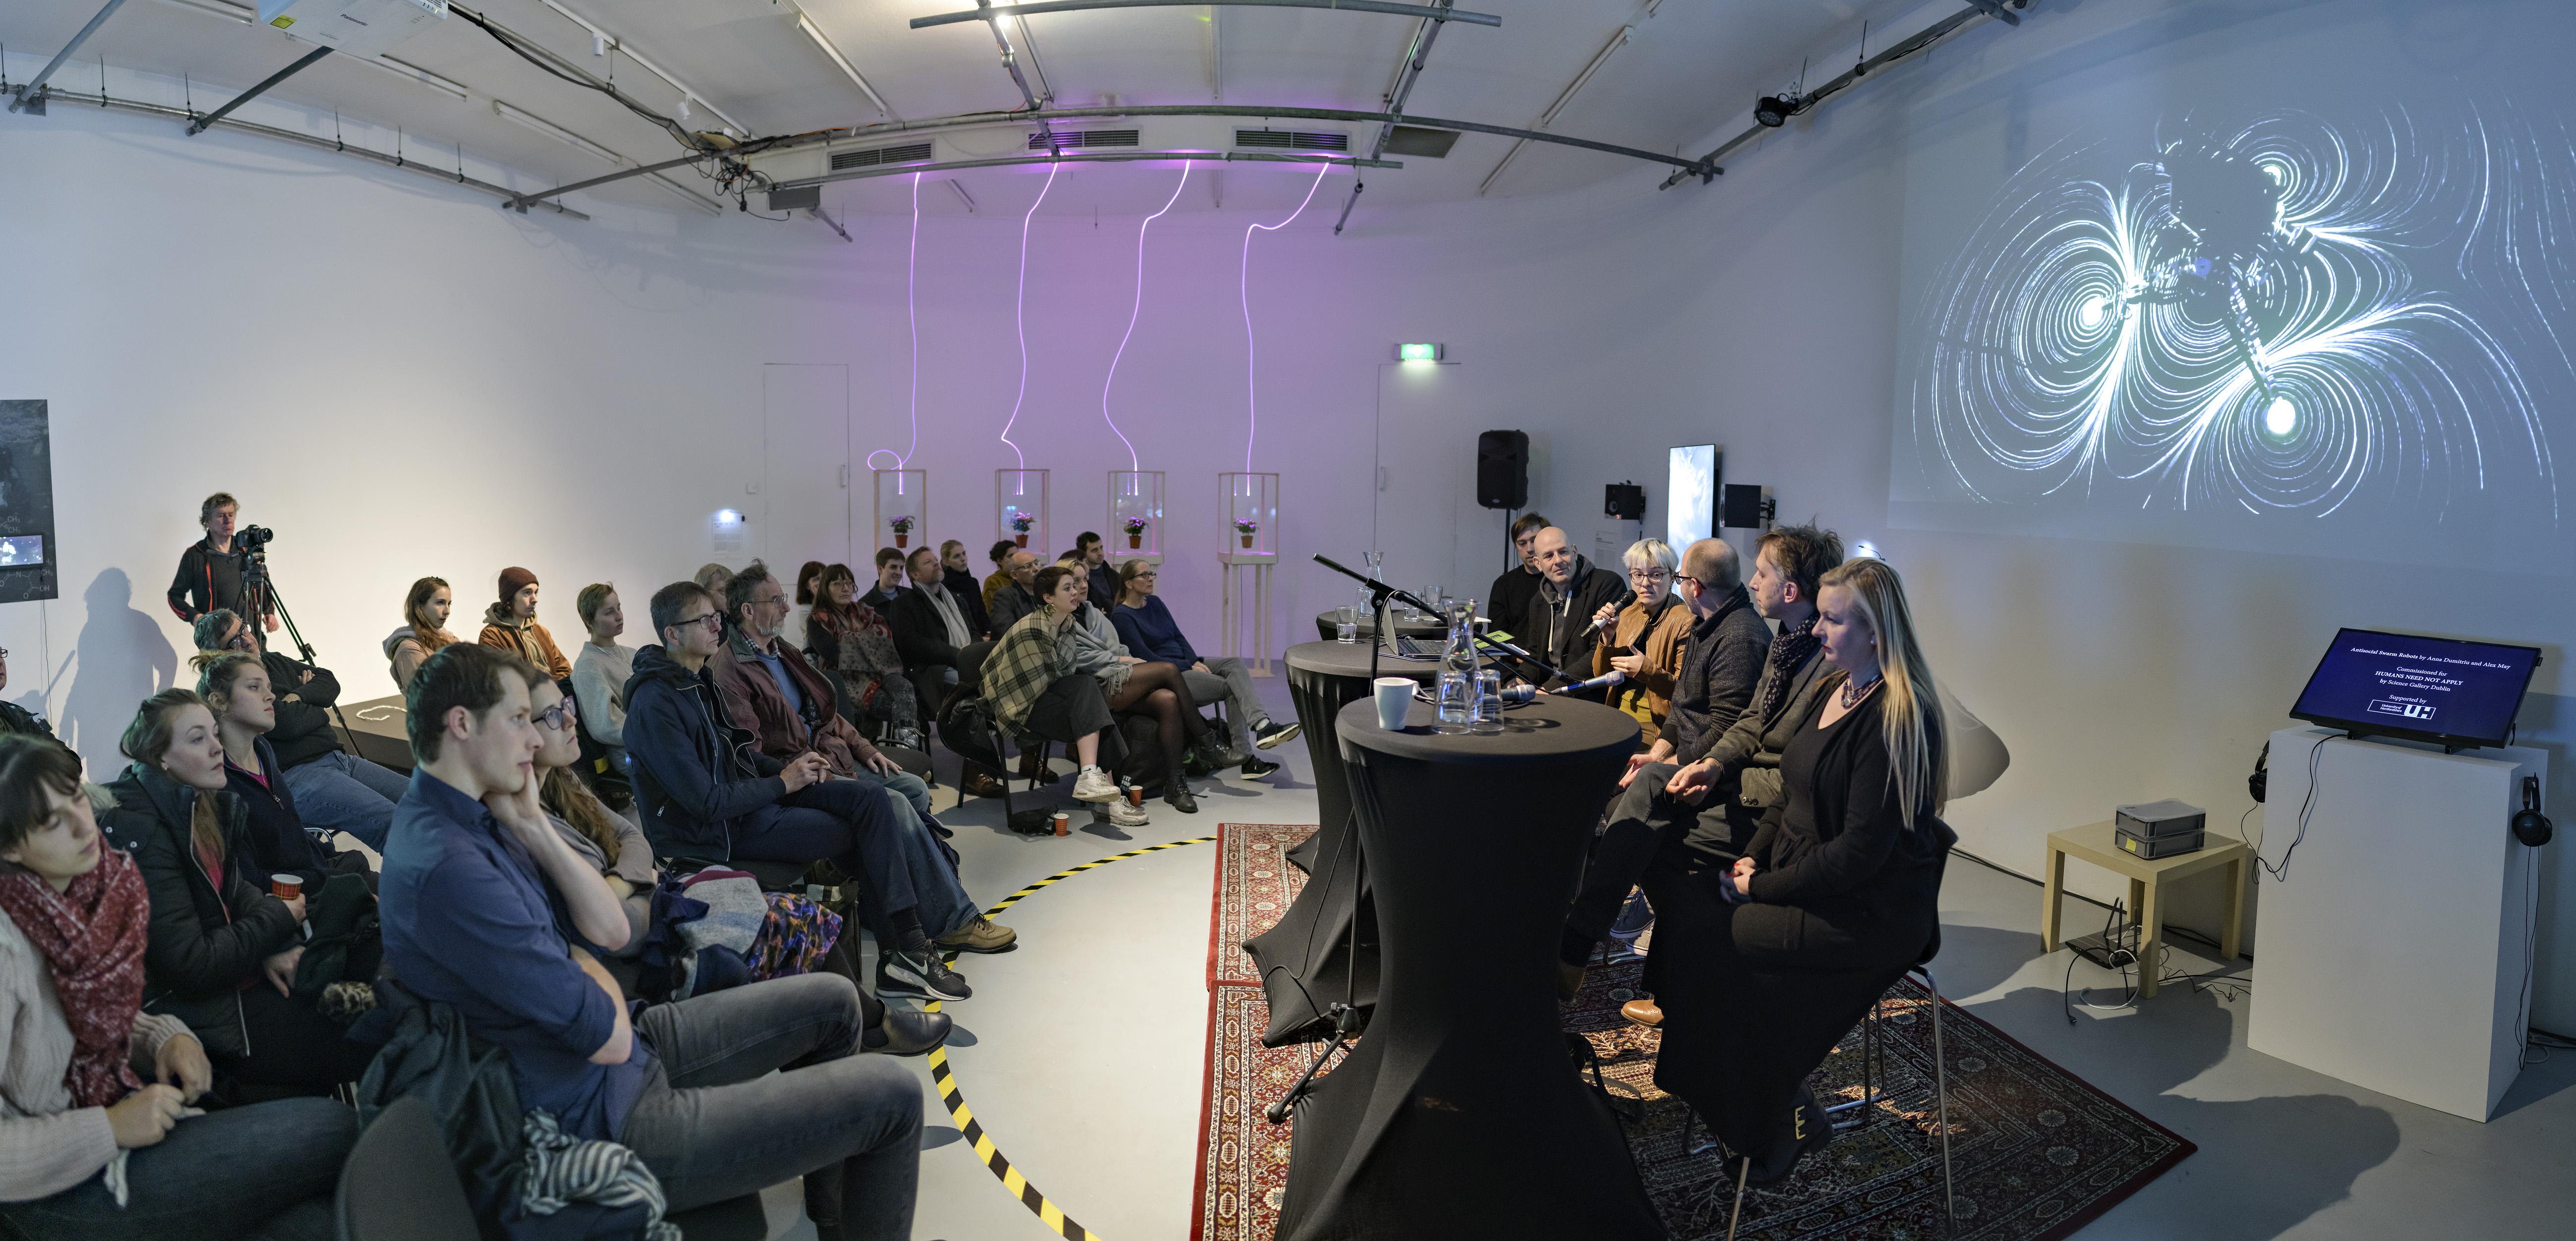 IMPAKT Centrum voor Mediacultuur